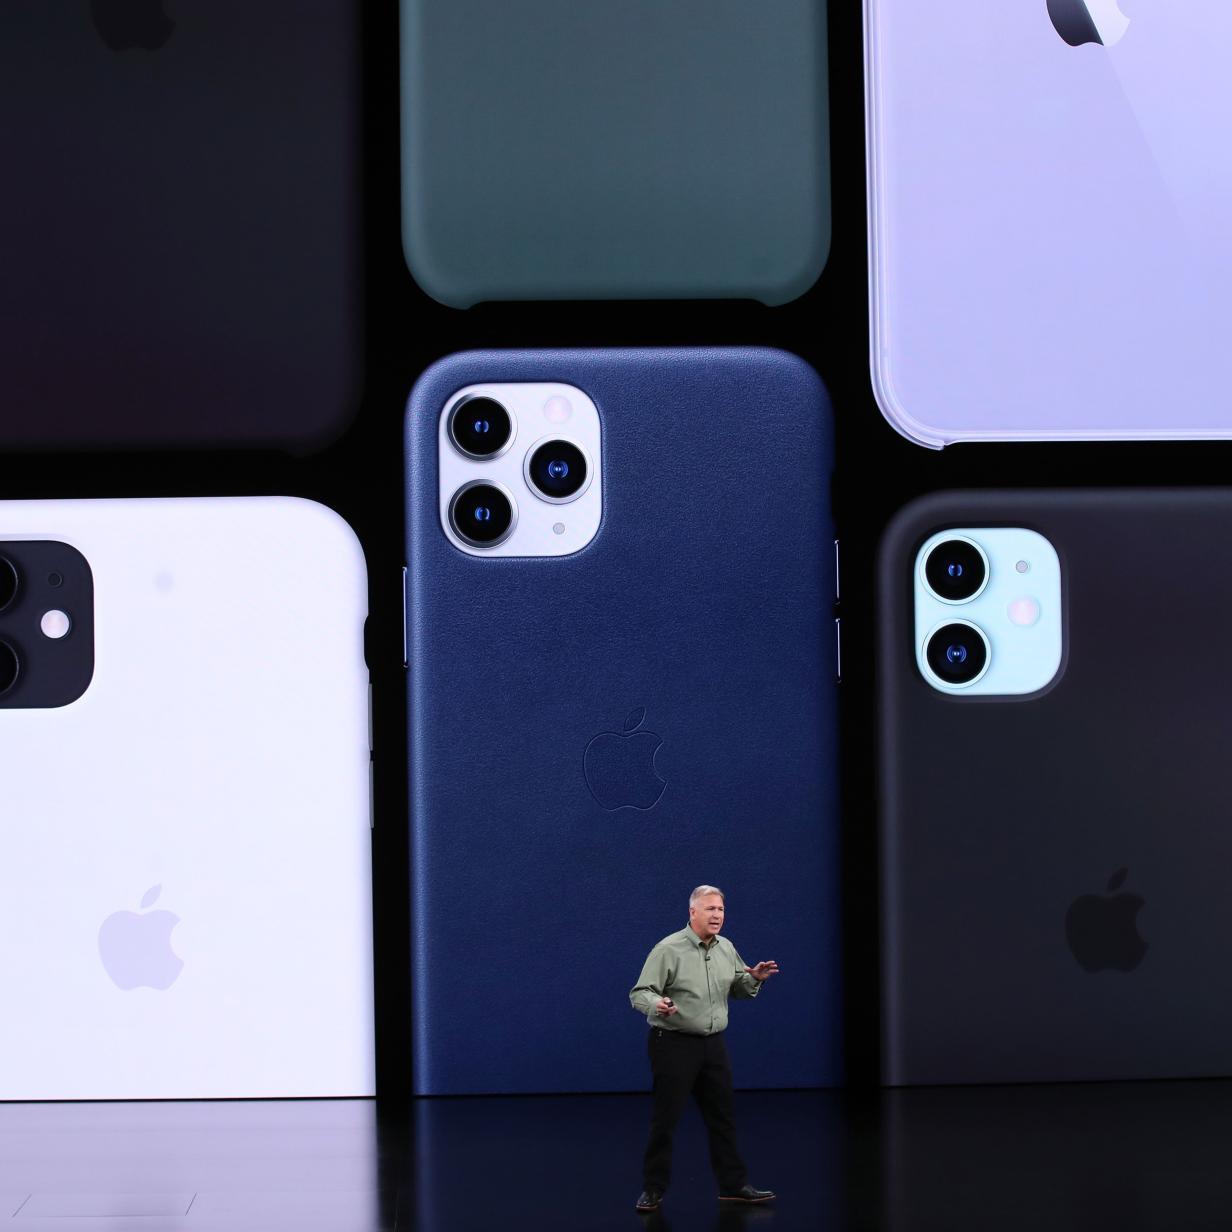 Neue iPhones angeblich mit verstecktem Feature